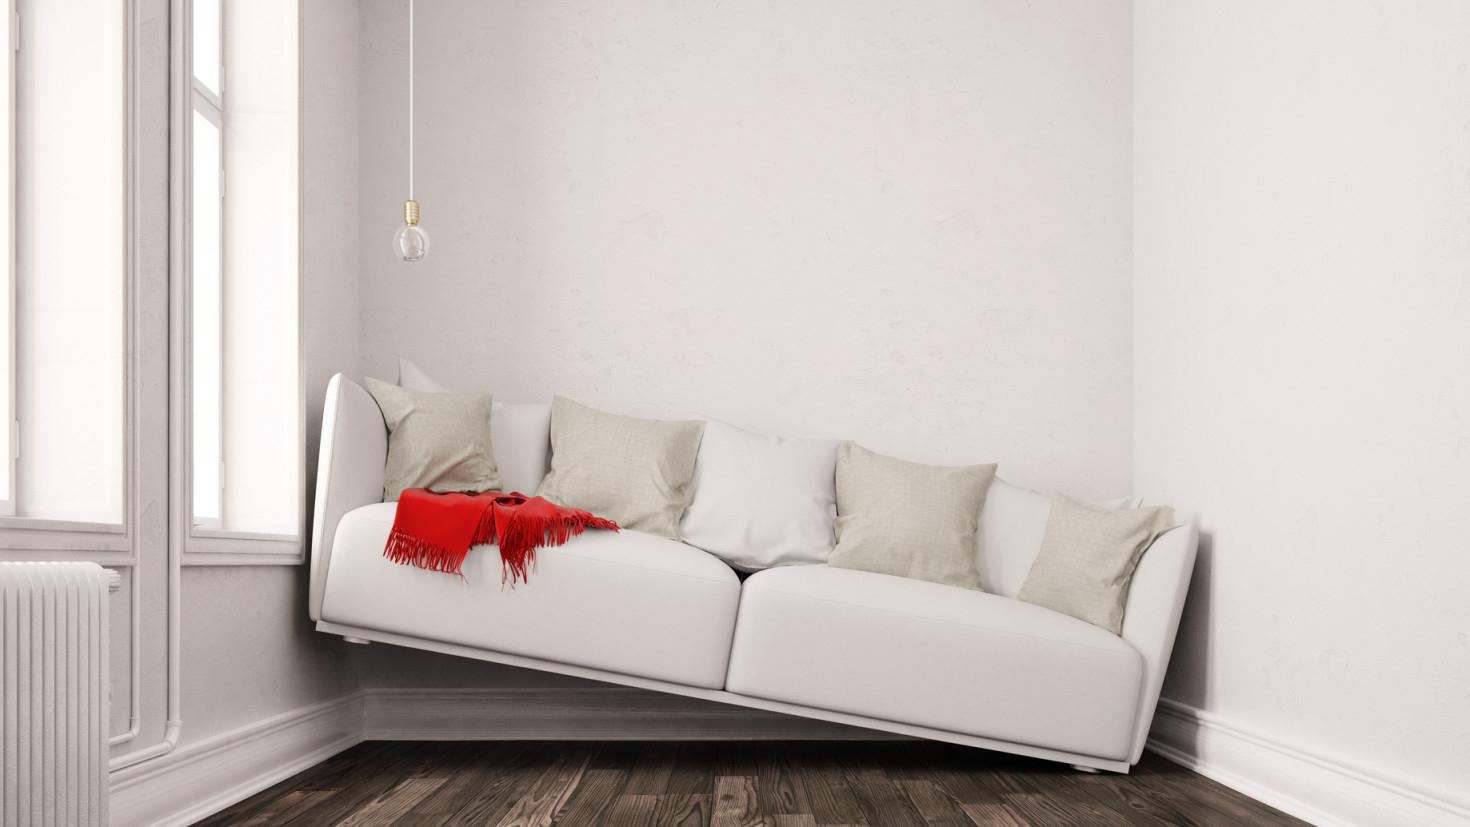 Kleines Wohnzimmer Einrichten  10 Ultimative Ideen von Wohnzimmer Ideen Für Kleine Räume Bild